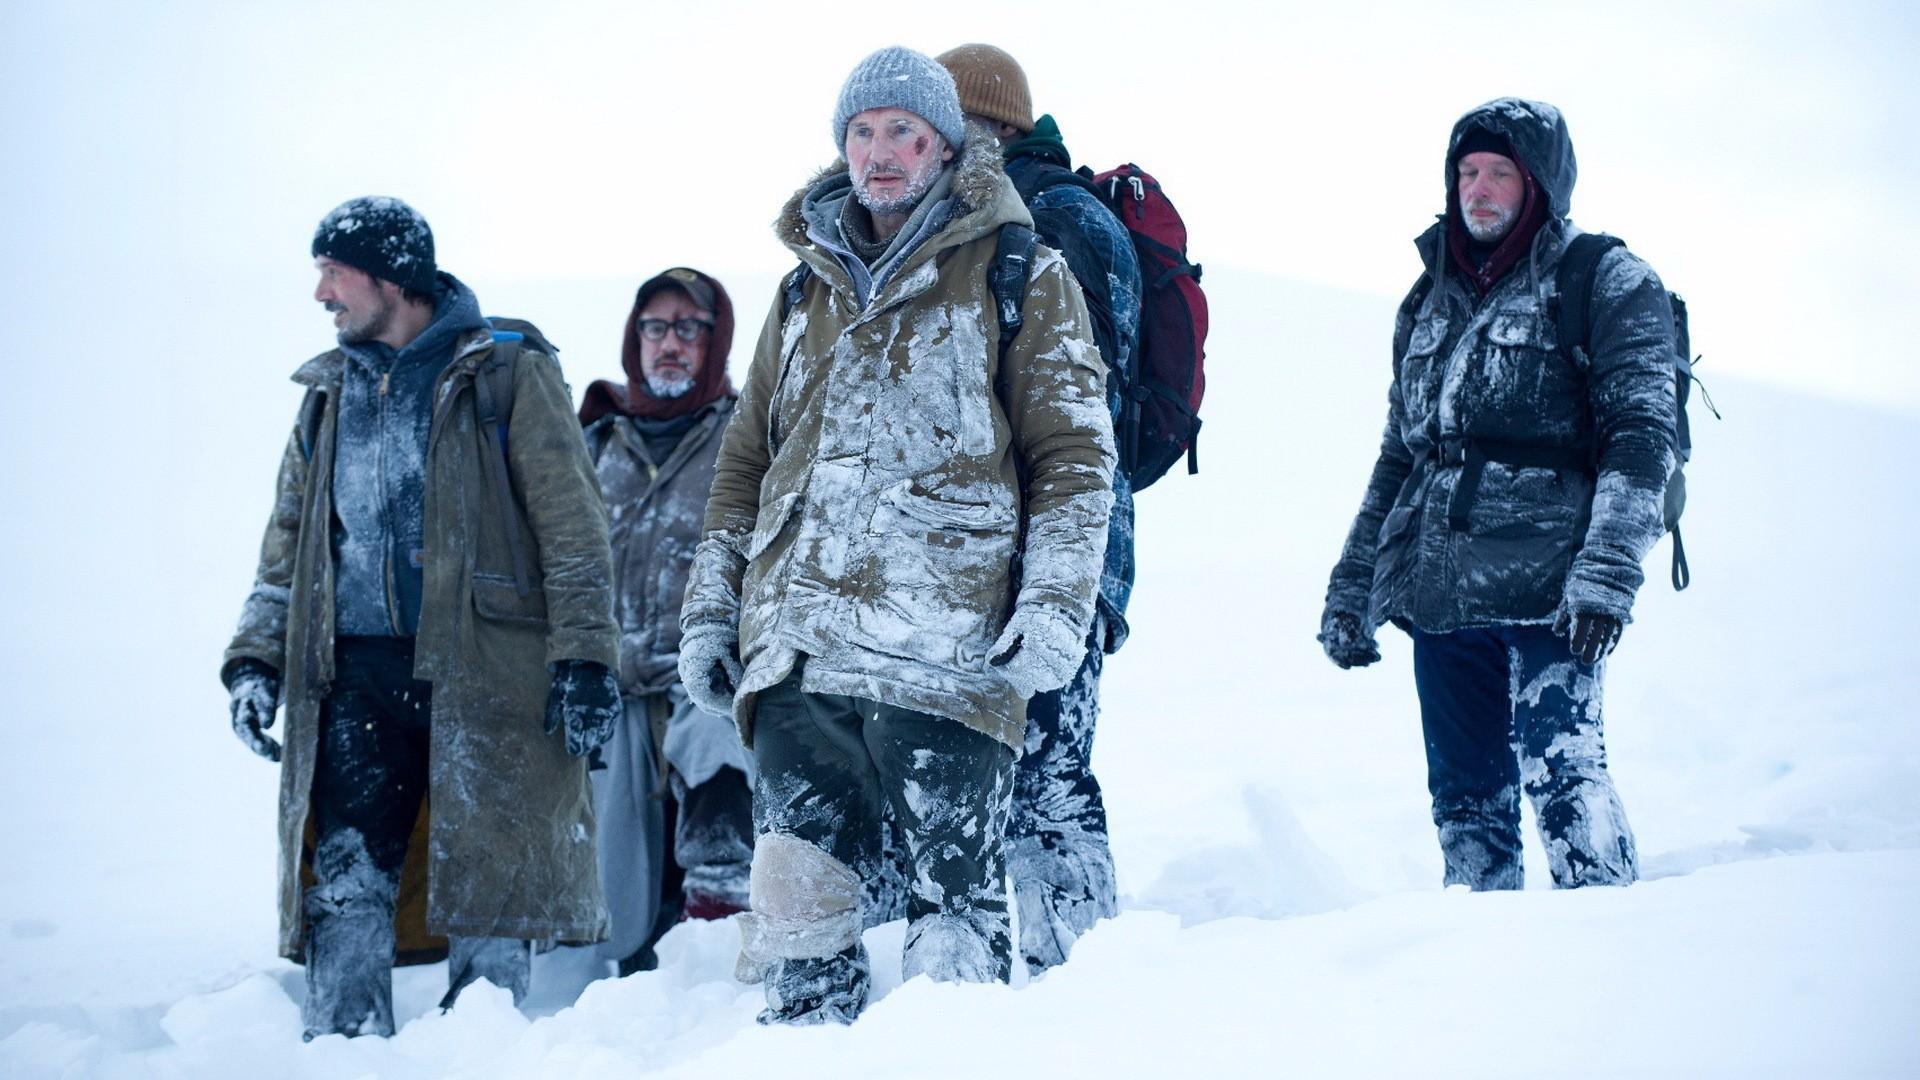 Martedi 1 Dicembre 2020 Sky e Premium Cinema, The Grey